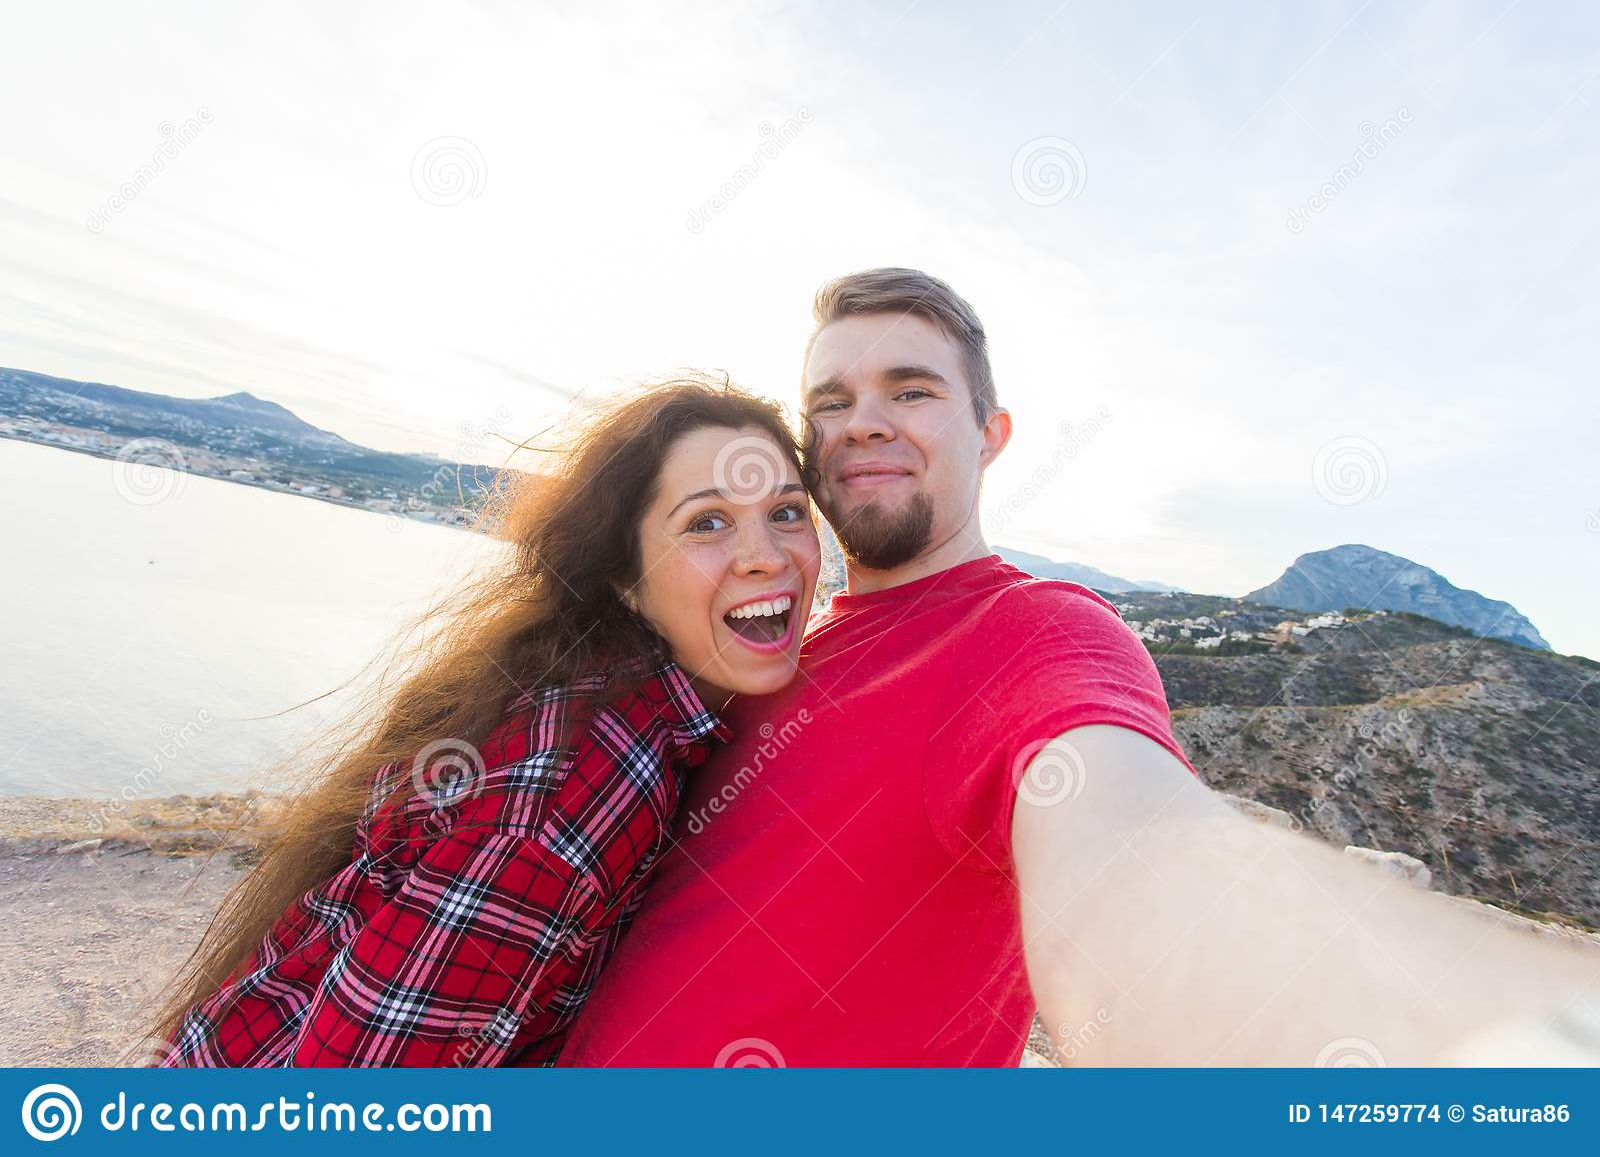 Έννοια ταξιδιού, διακοπών και διακοπών - όμορφο ζεύγος που έχει τη διασκέδαση, που παίρνει selfie πέρα από το όμορφο τοπίο